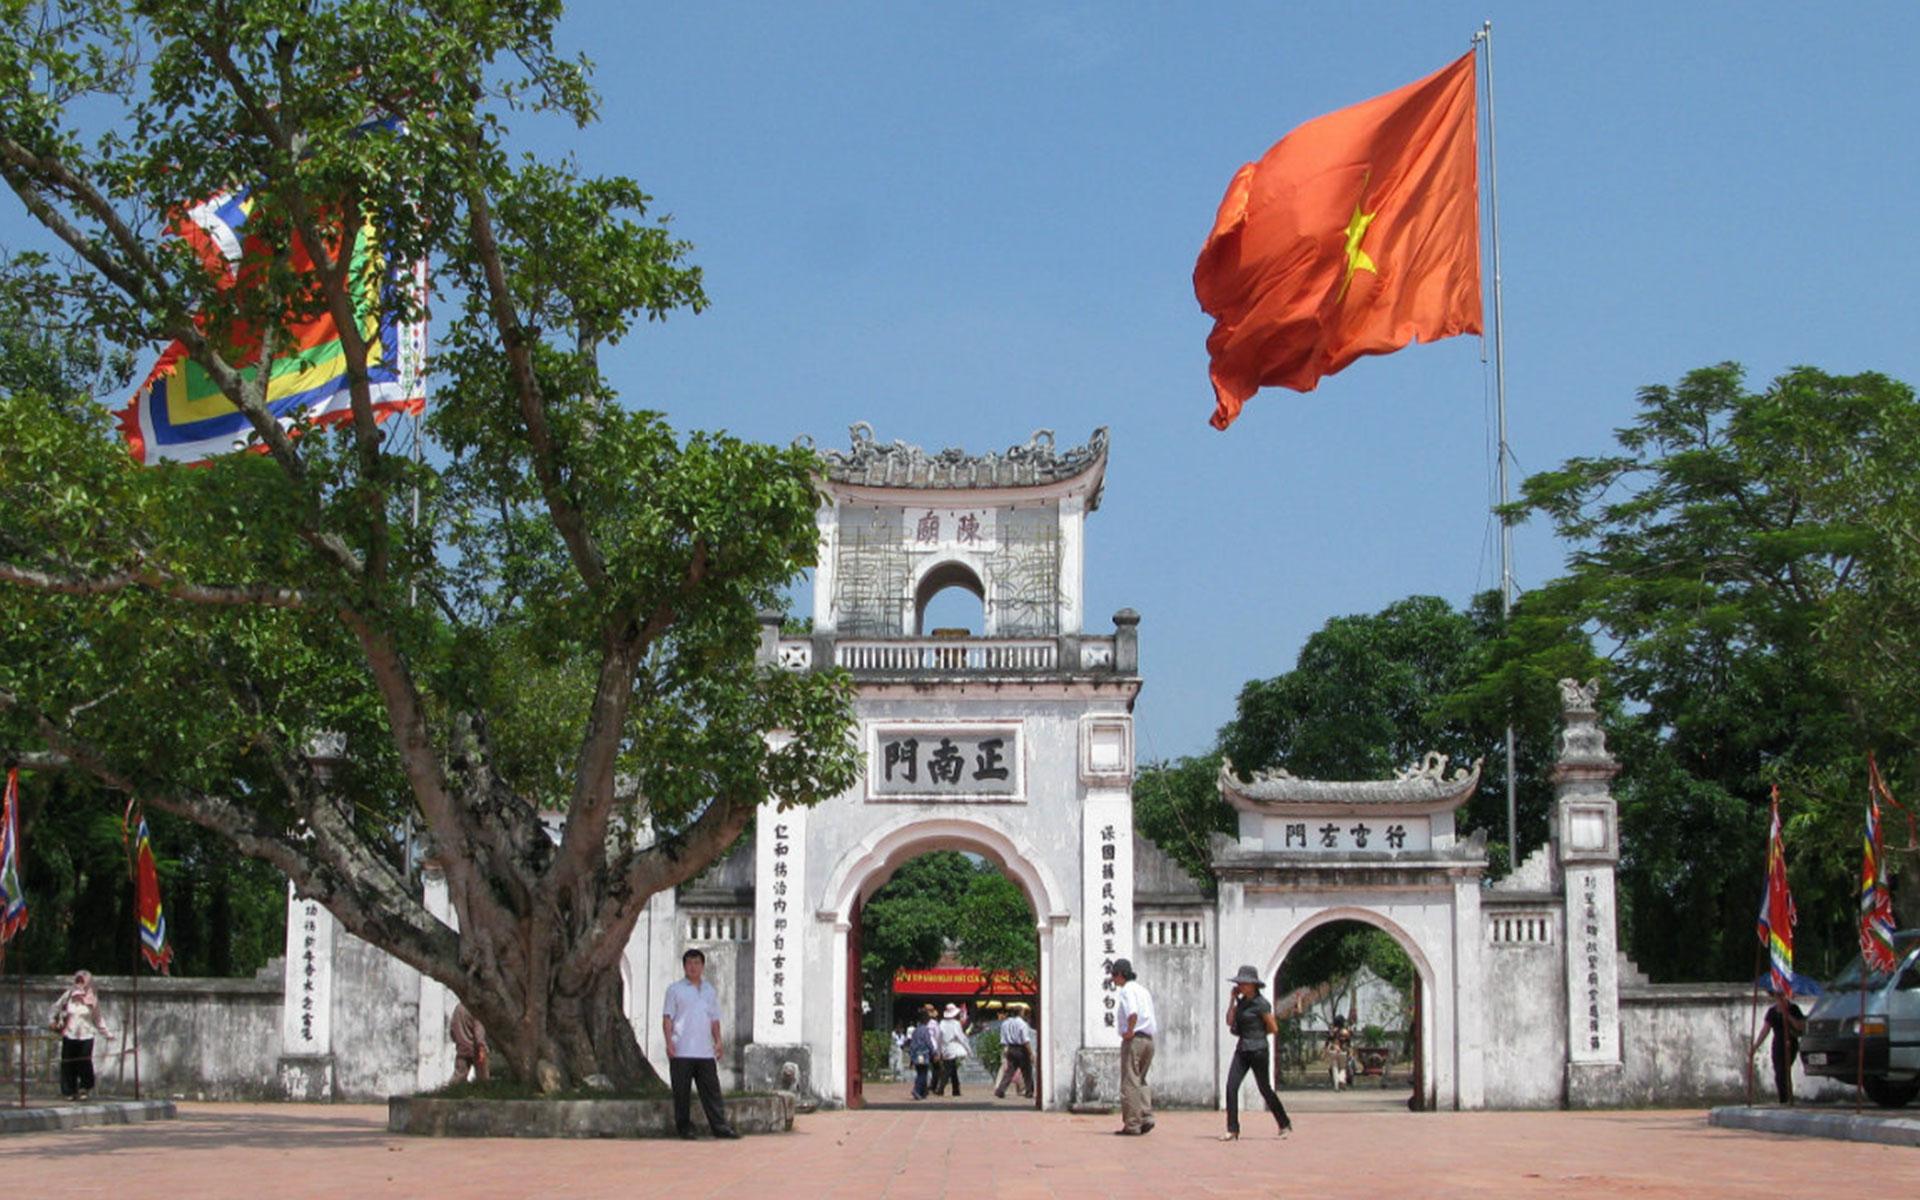 Tran Temple Complex